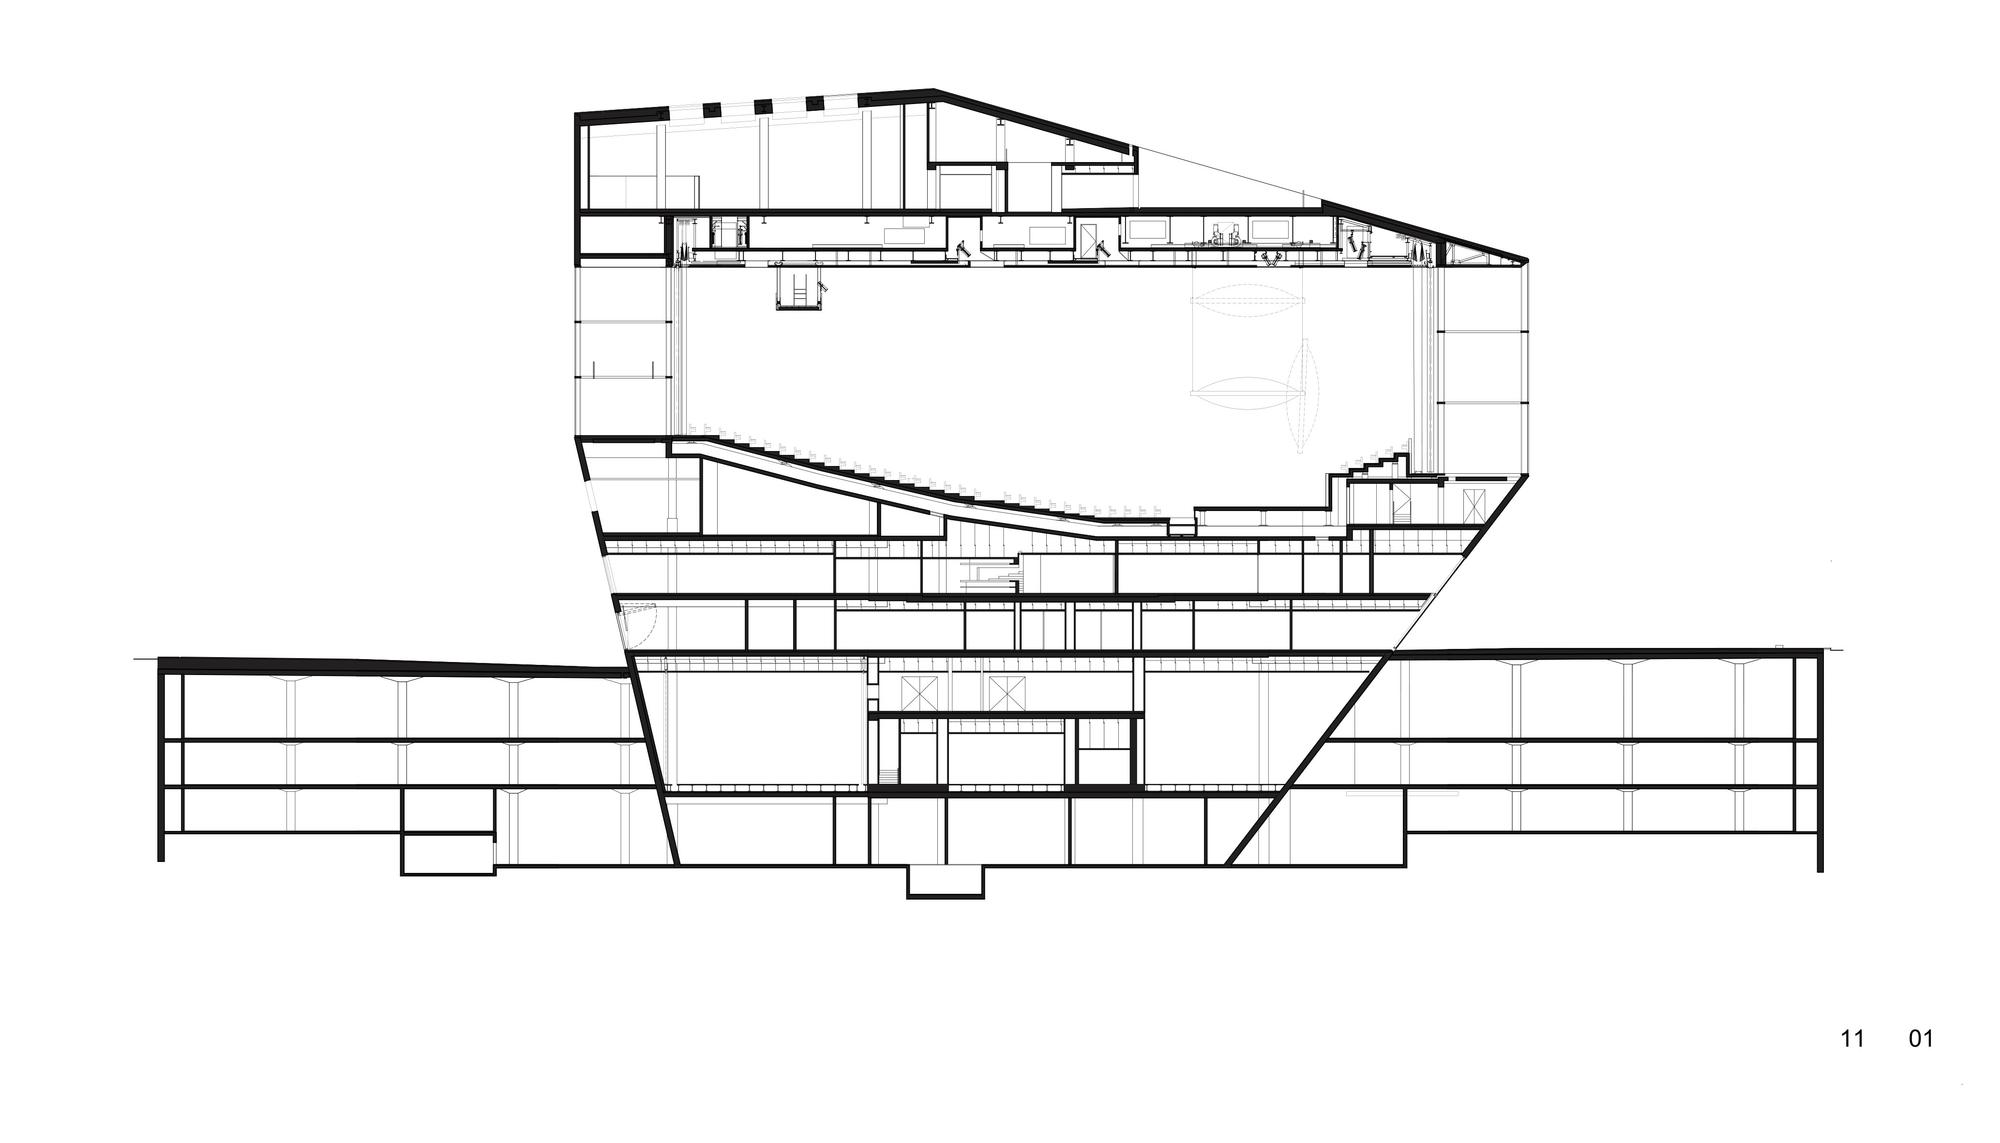 Casa da Musica / OMA (2)